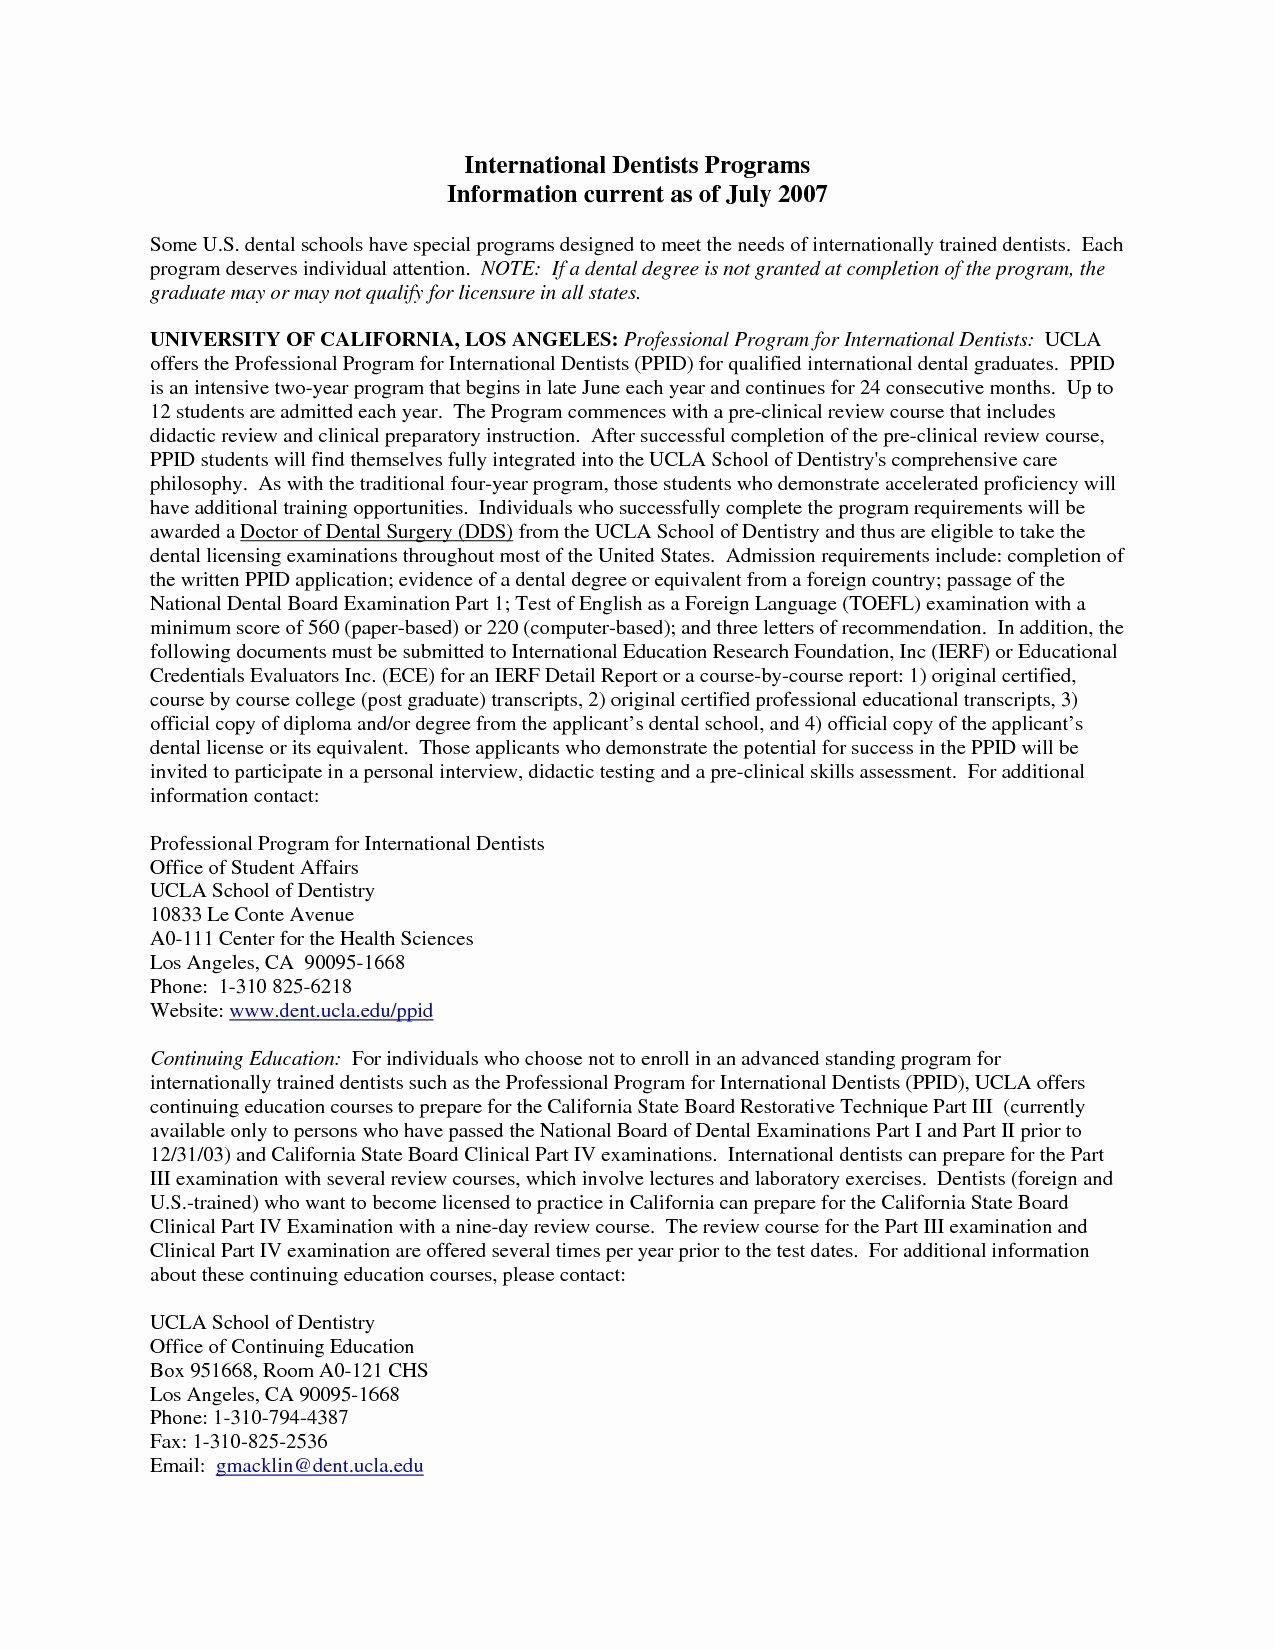 Letter Of Recommendation Dental School Unique Sample Letter Re Mendation Dental School Save Re